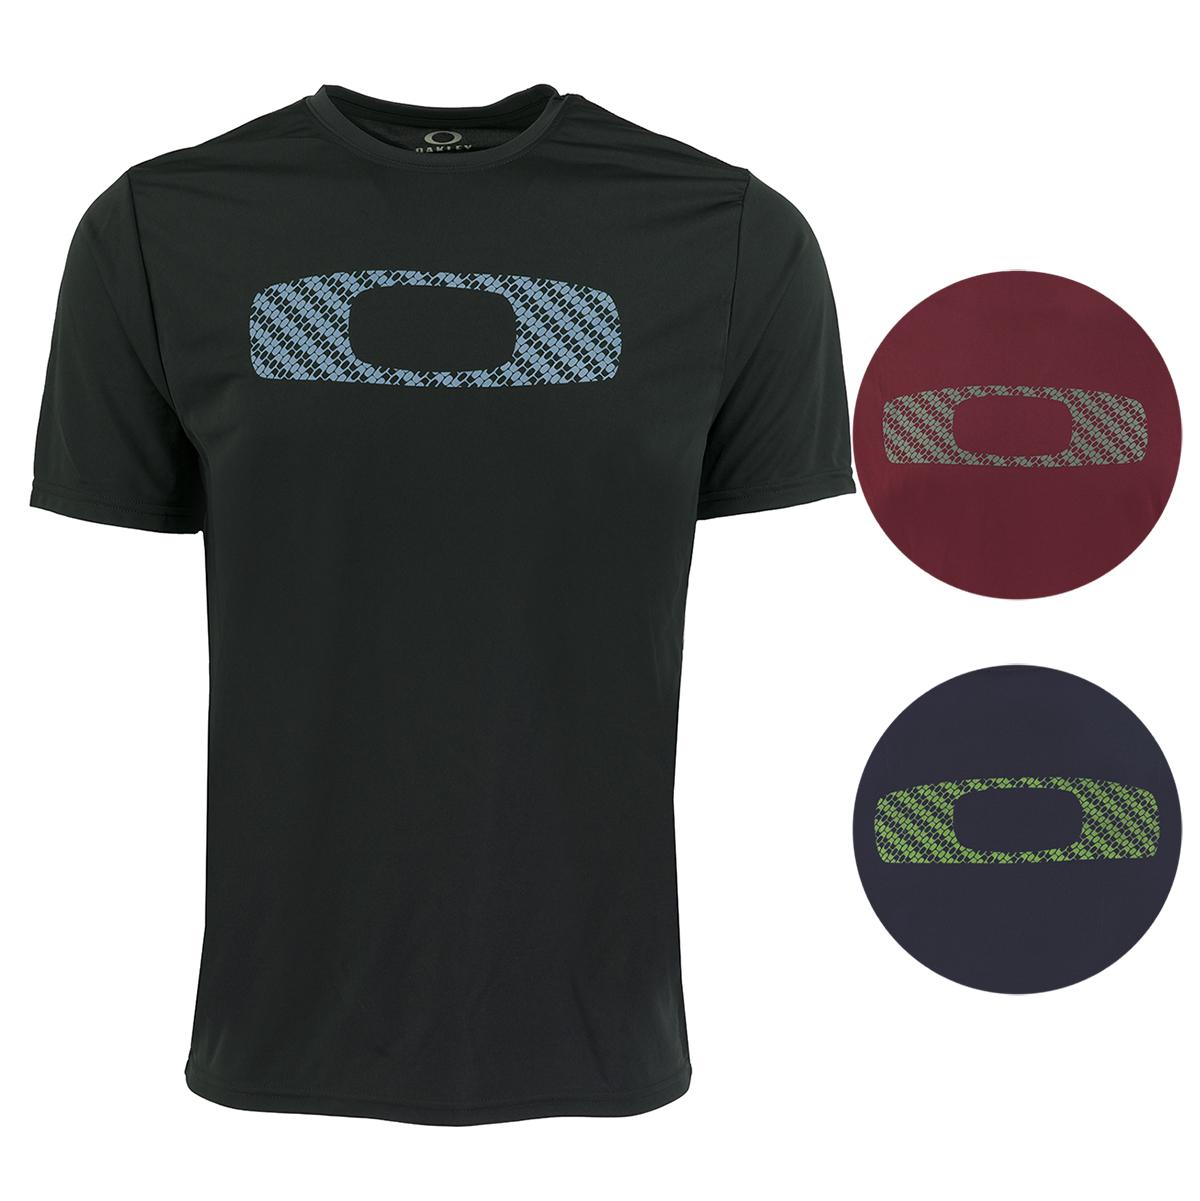 367e4a79cec Details about Oakley Men's Big Logo Print T-Shirt